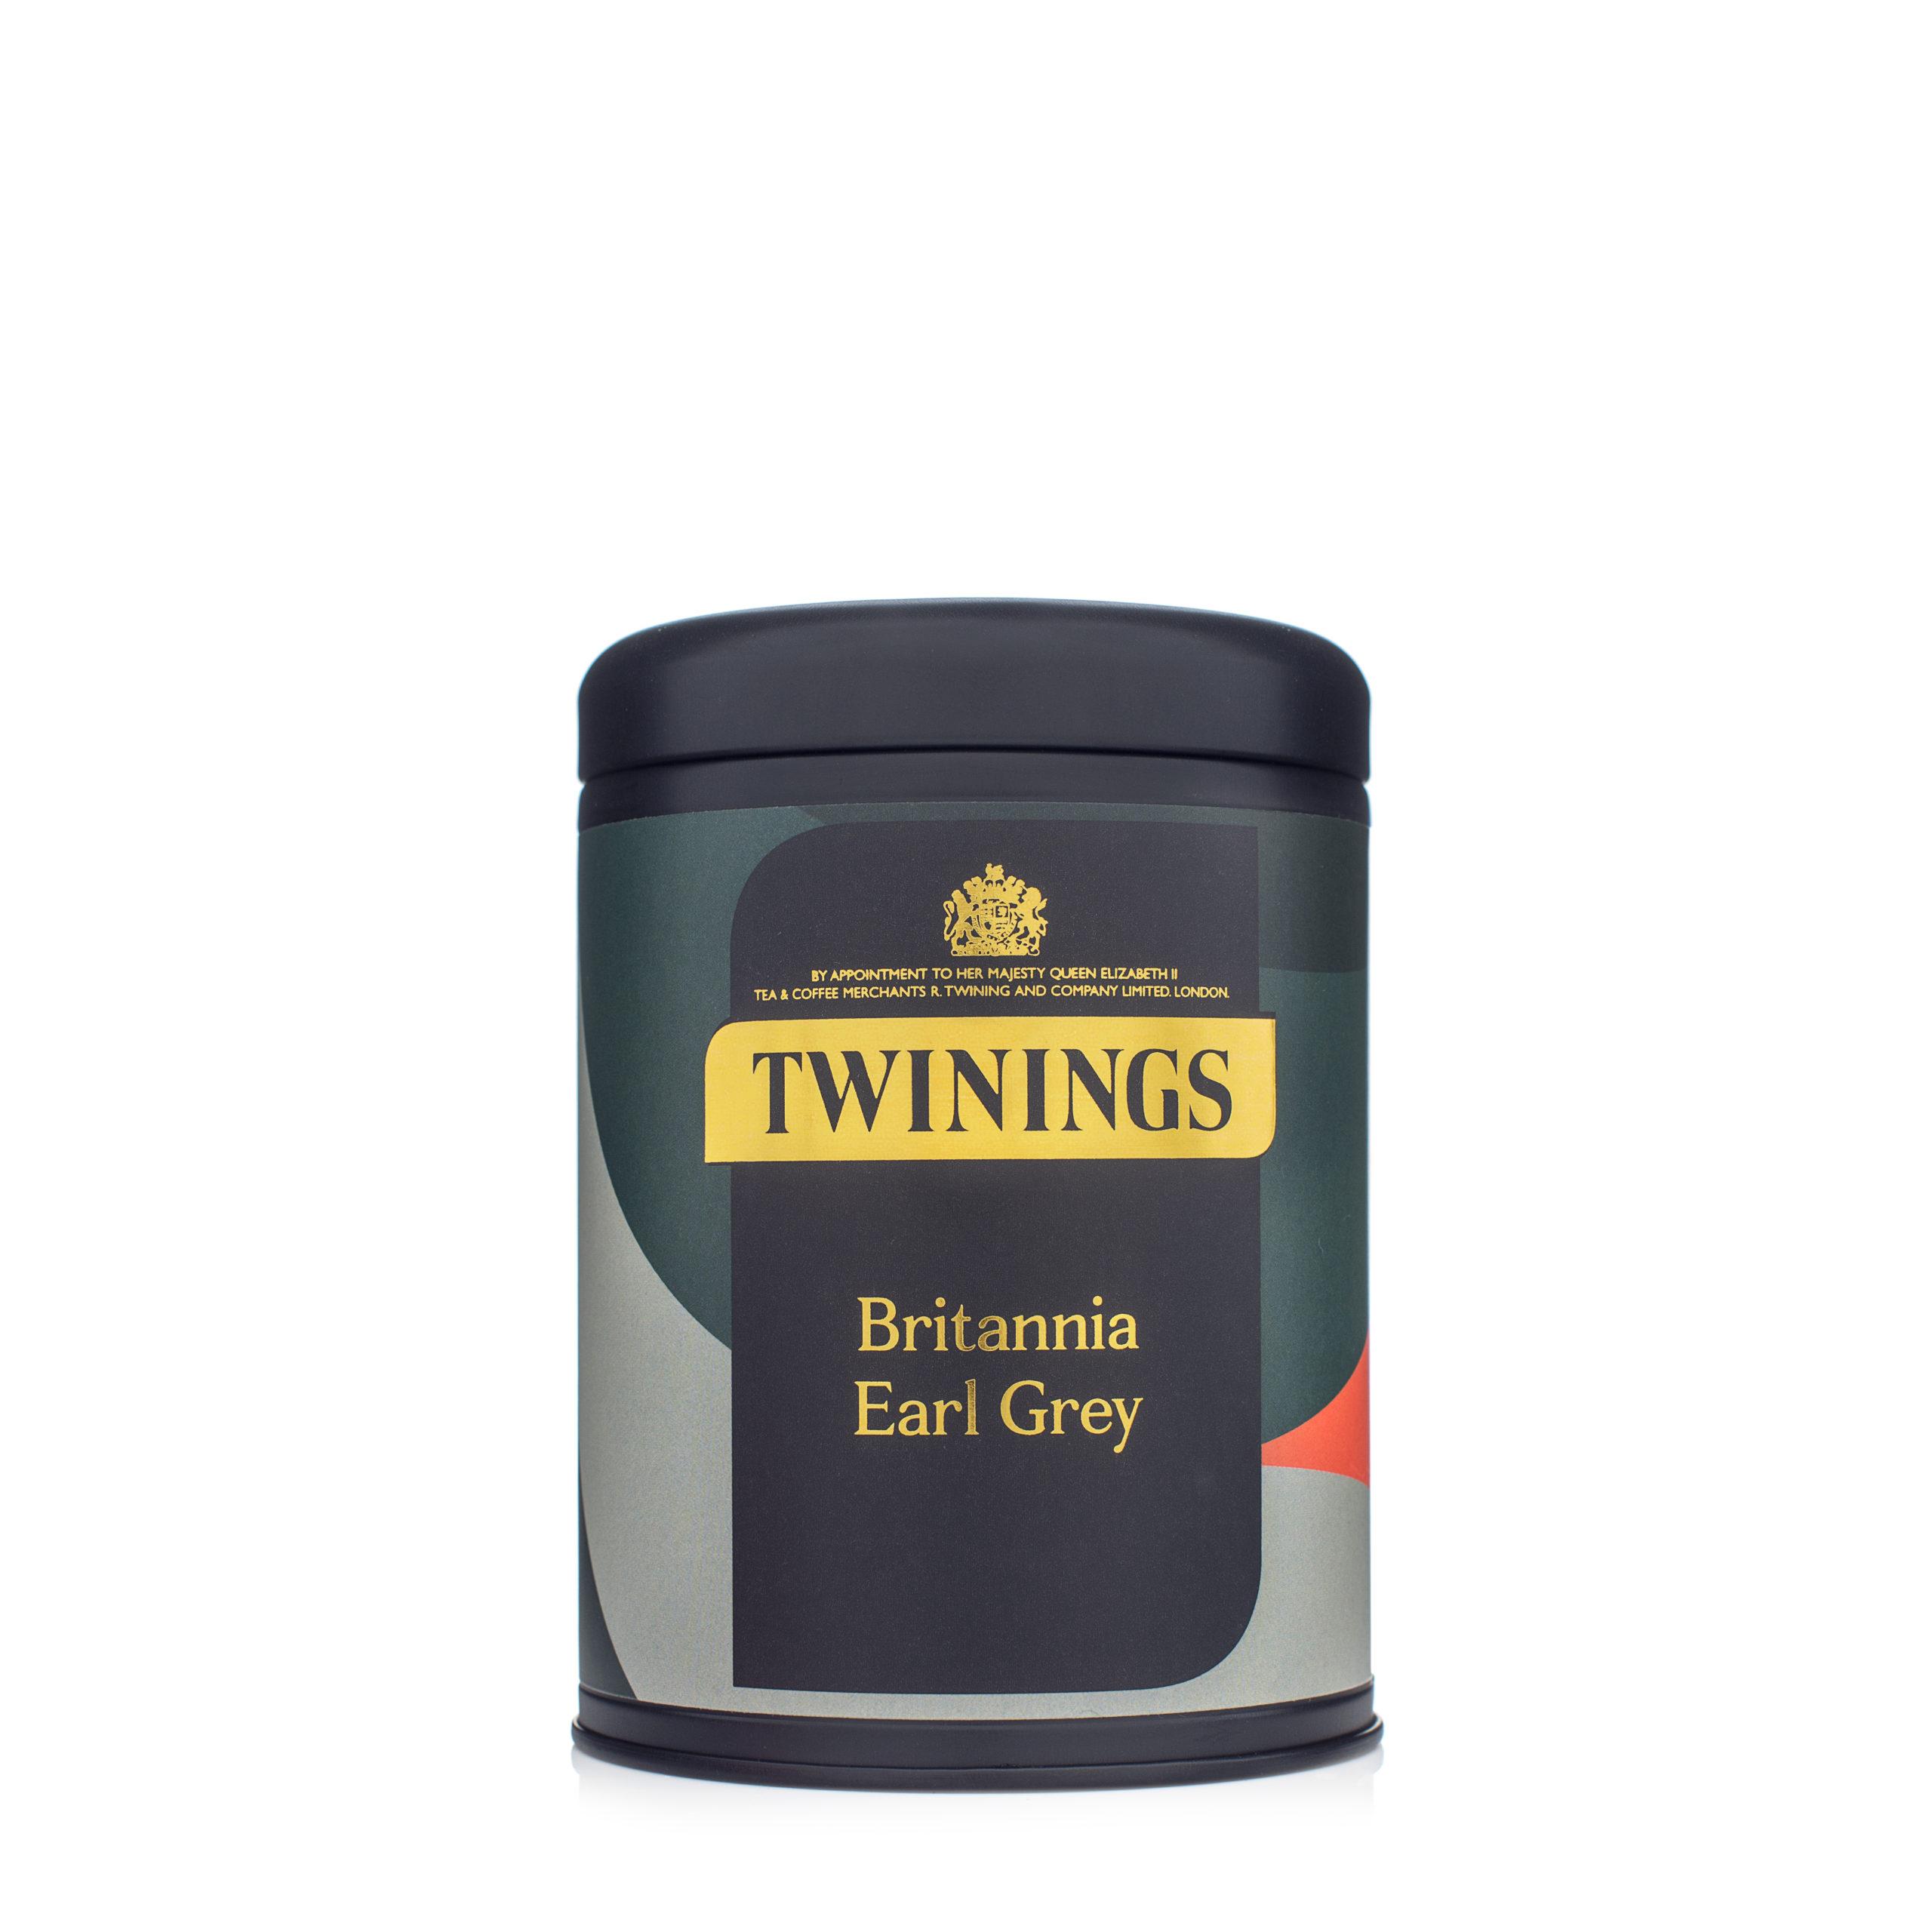 Britannia Tea Box